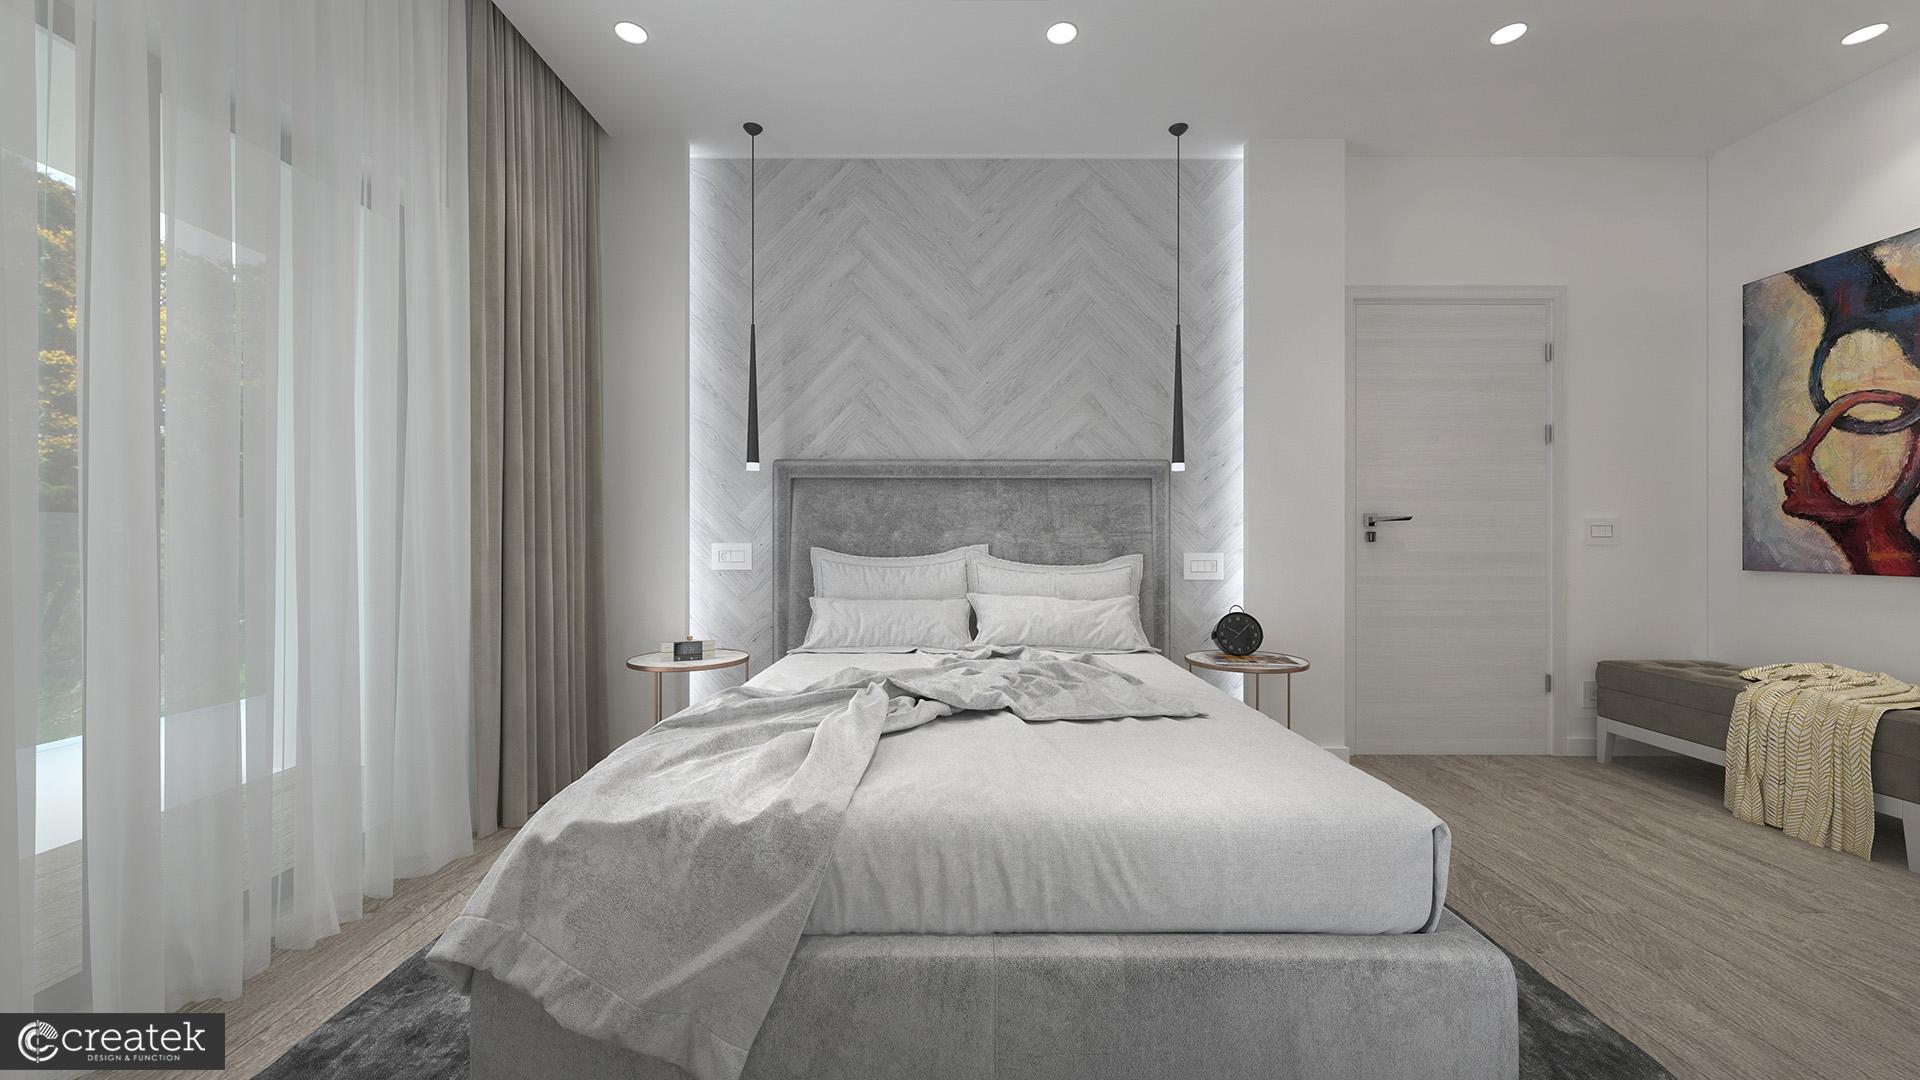 026-Dormitor-Matrimonial-Design-Interior-Casa-Ovidiu-Lac